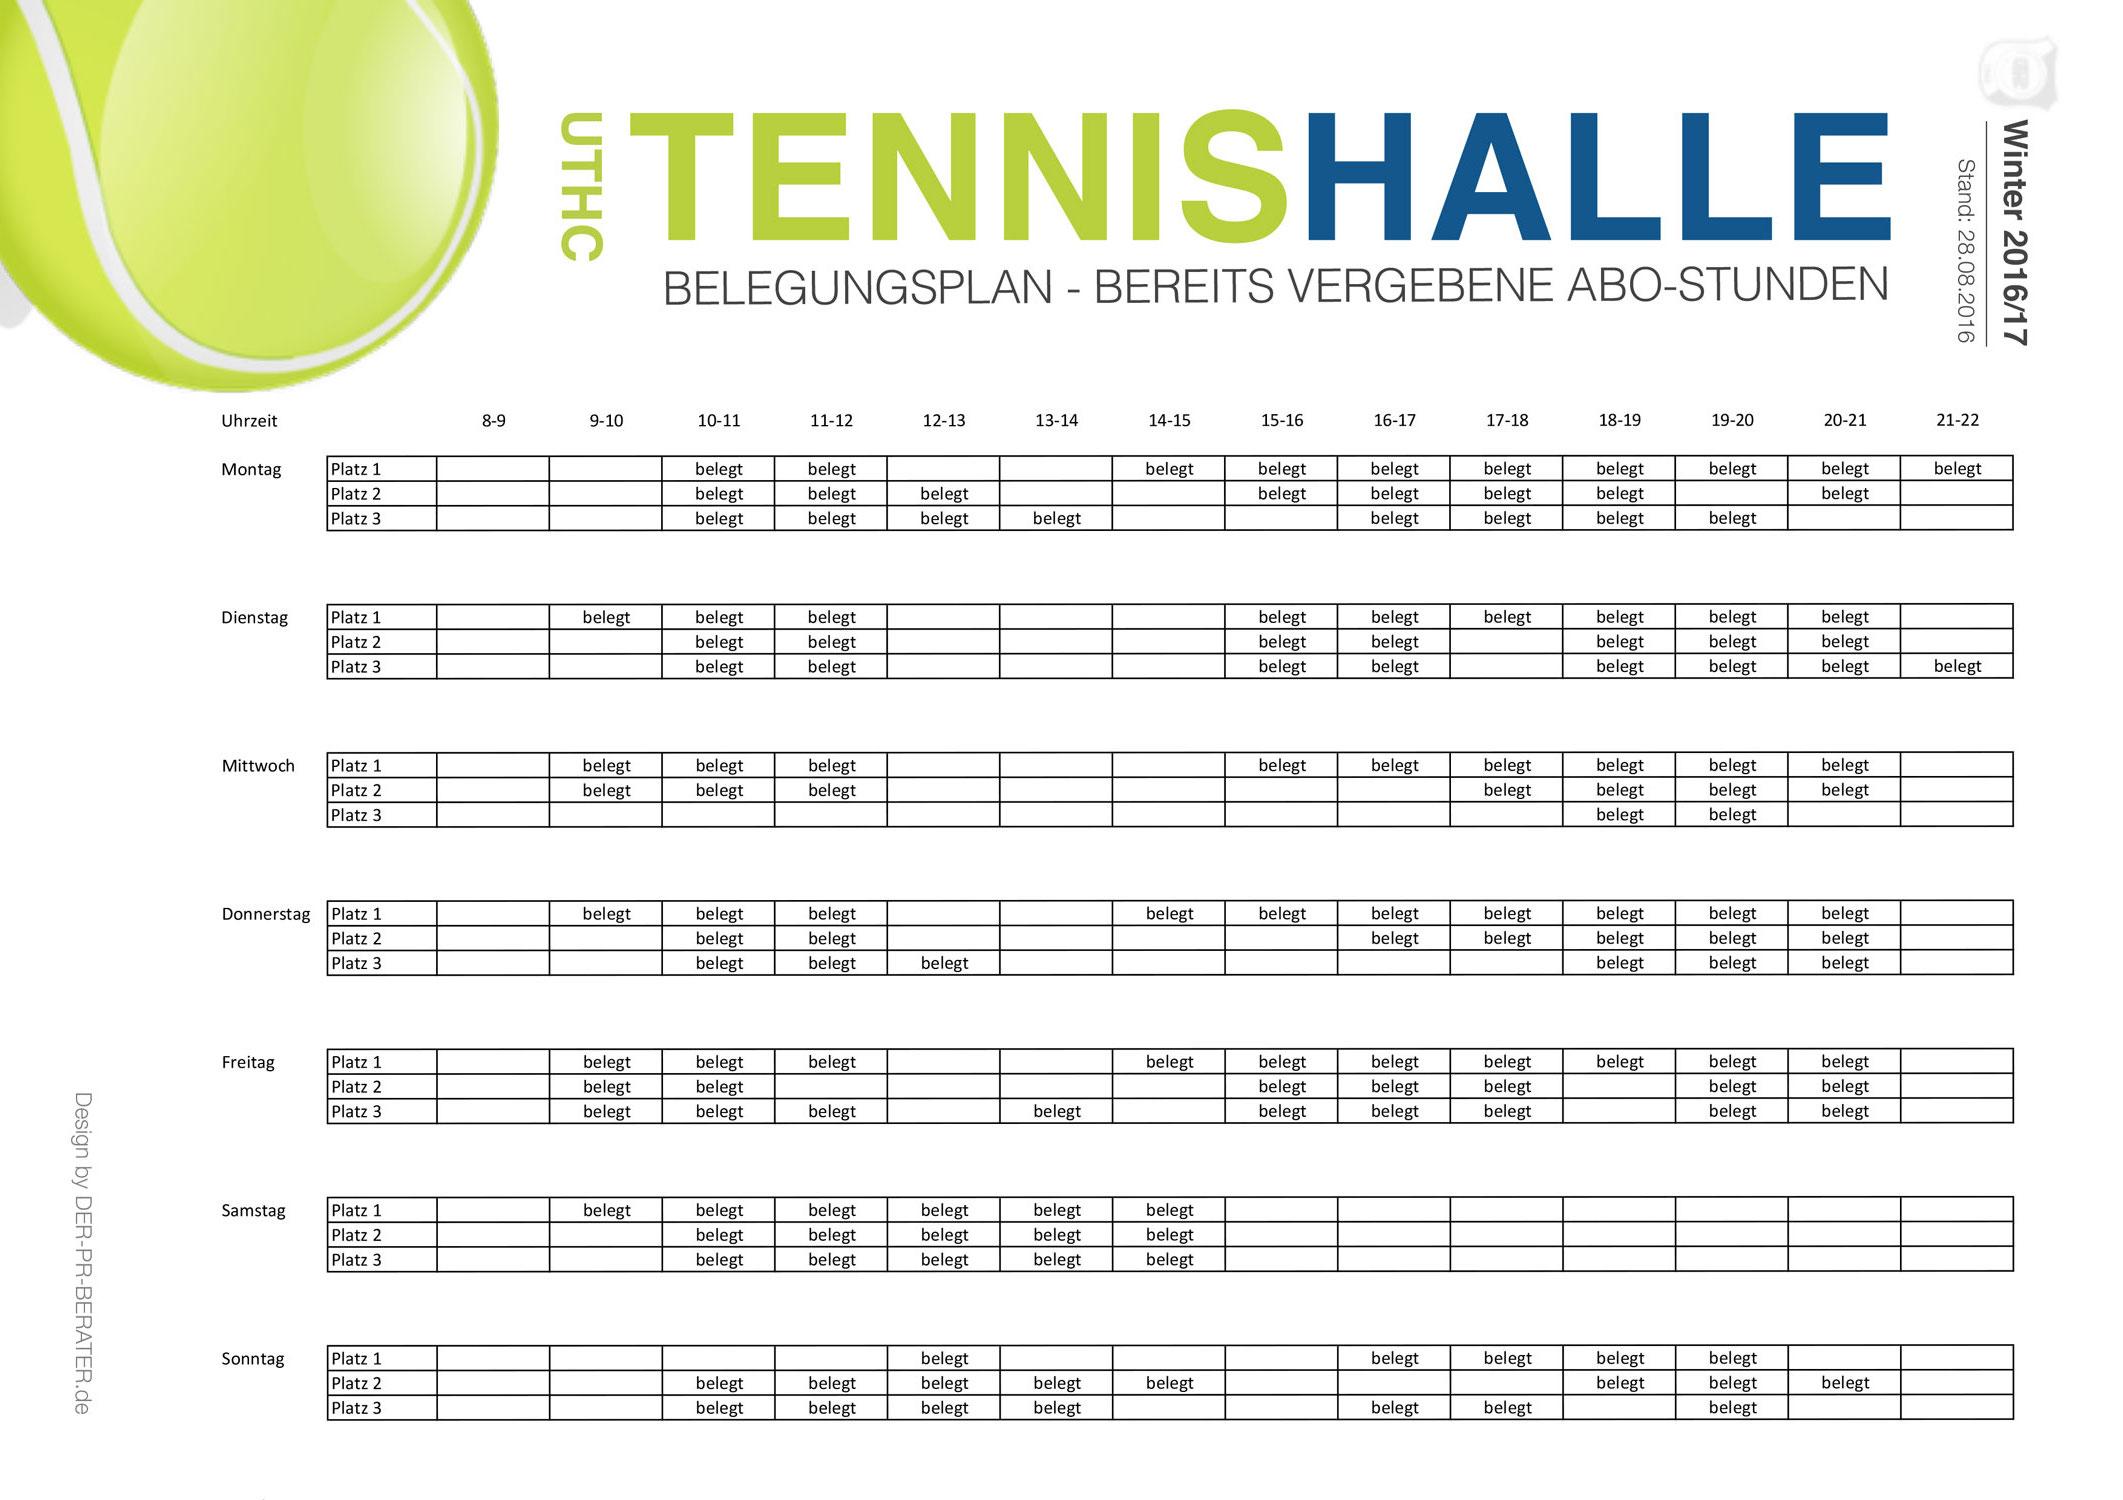 Abo-Belegungsplan der UTHC-Tennishalle: Winter 2015-16 / Stand: 01.07.2015